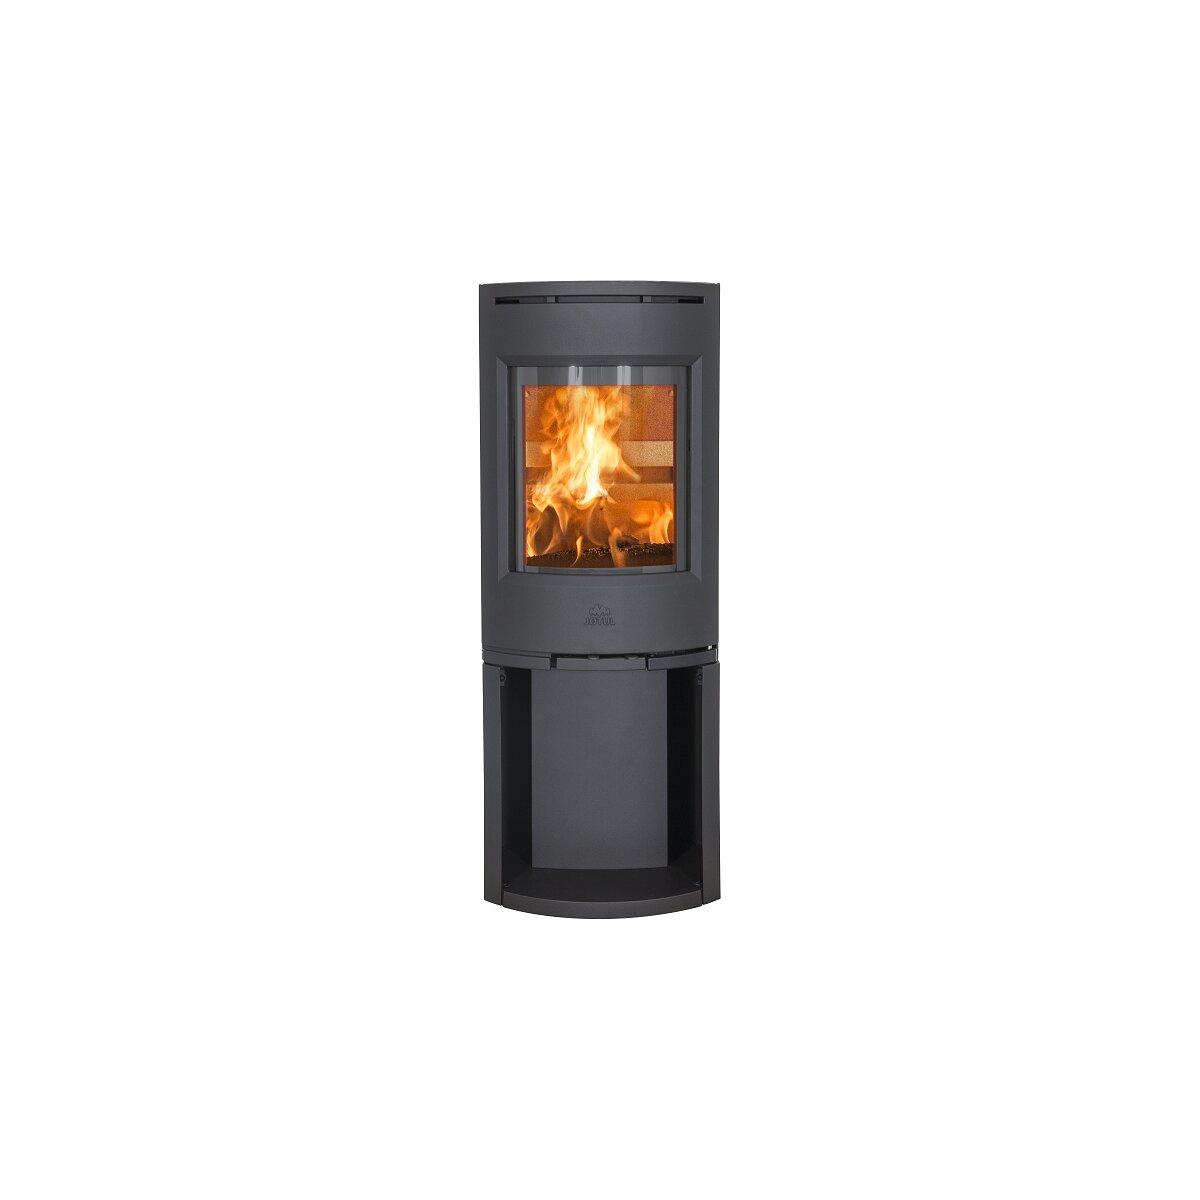 kaminofen gussofen jotul f 134 online kaufen feuer fuchs von jotul a s mit. Black Bedroom Furniture Sets. Home Design Ideas